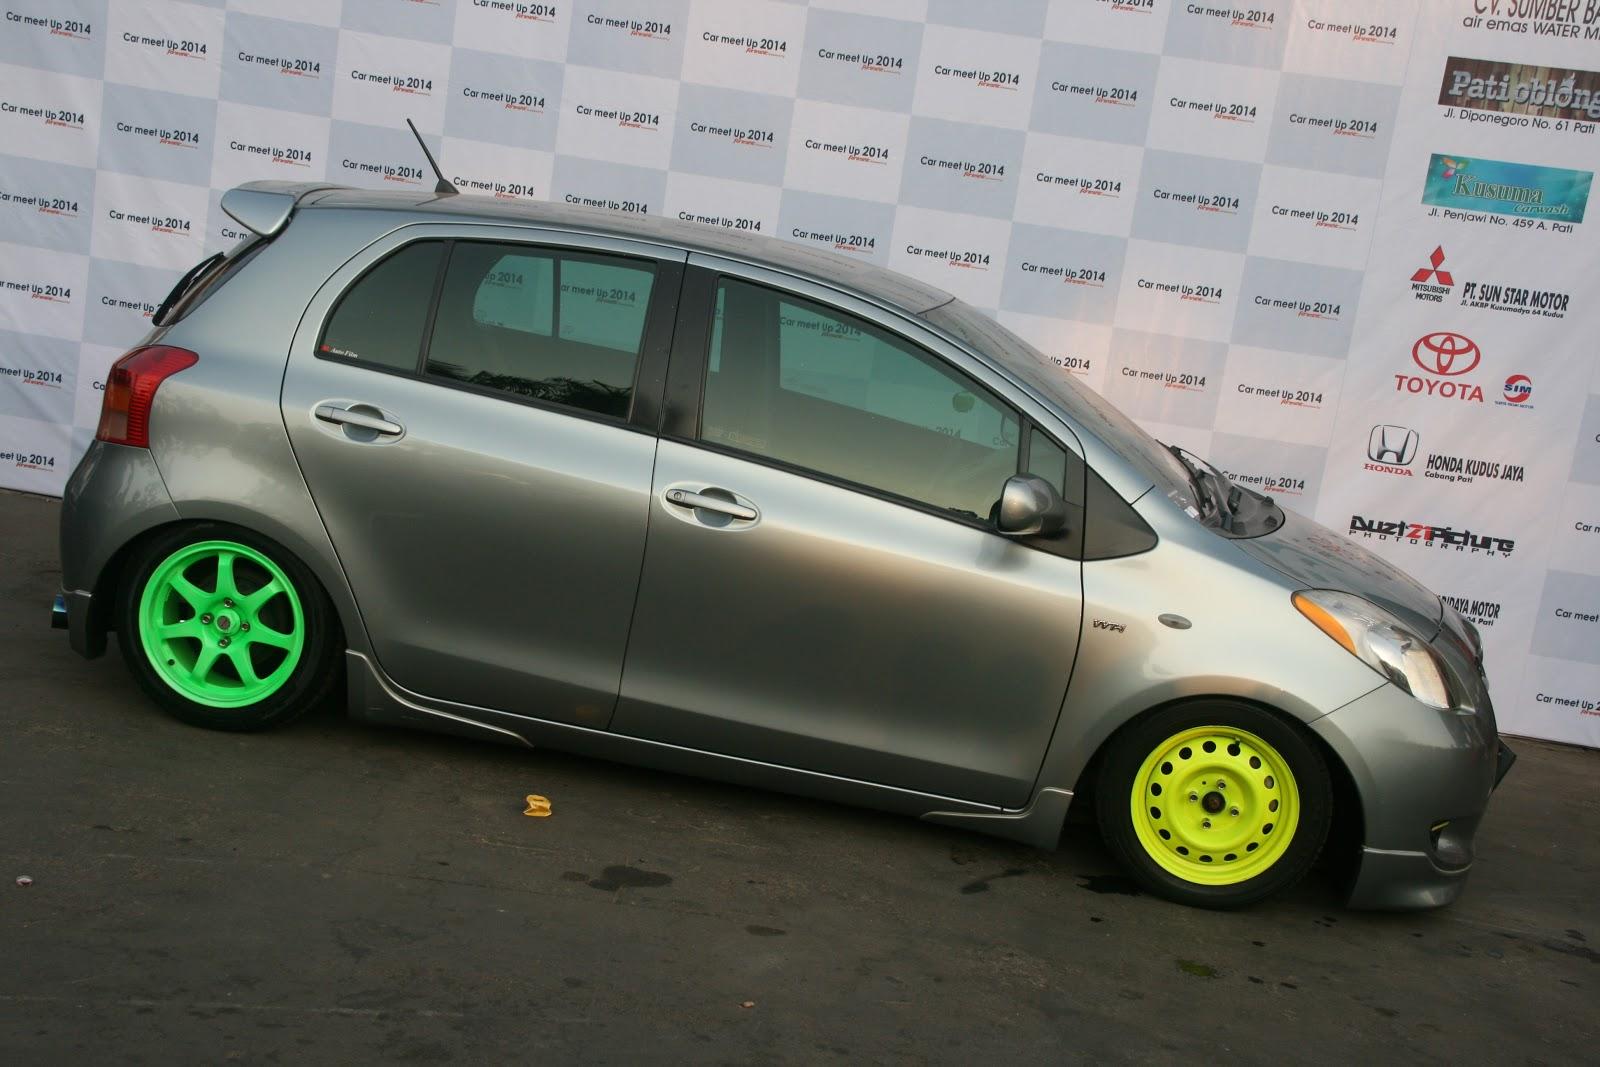 Koleksi Modifikasi Mobil Sedan Tinggi Ragam Modifikasi